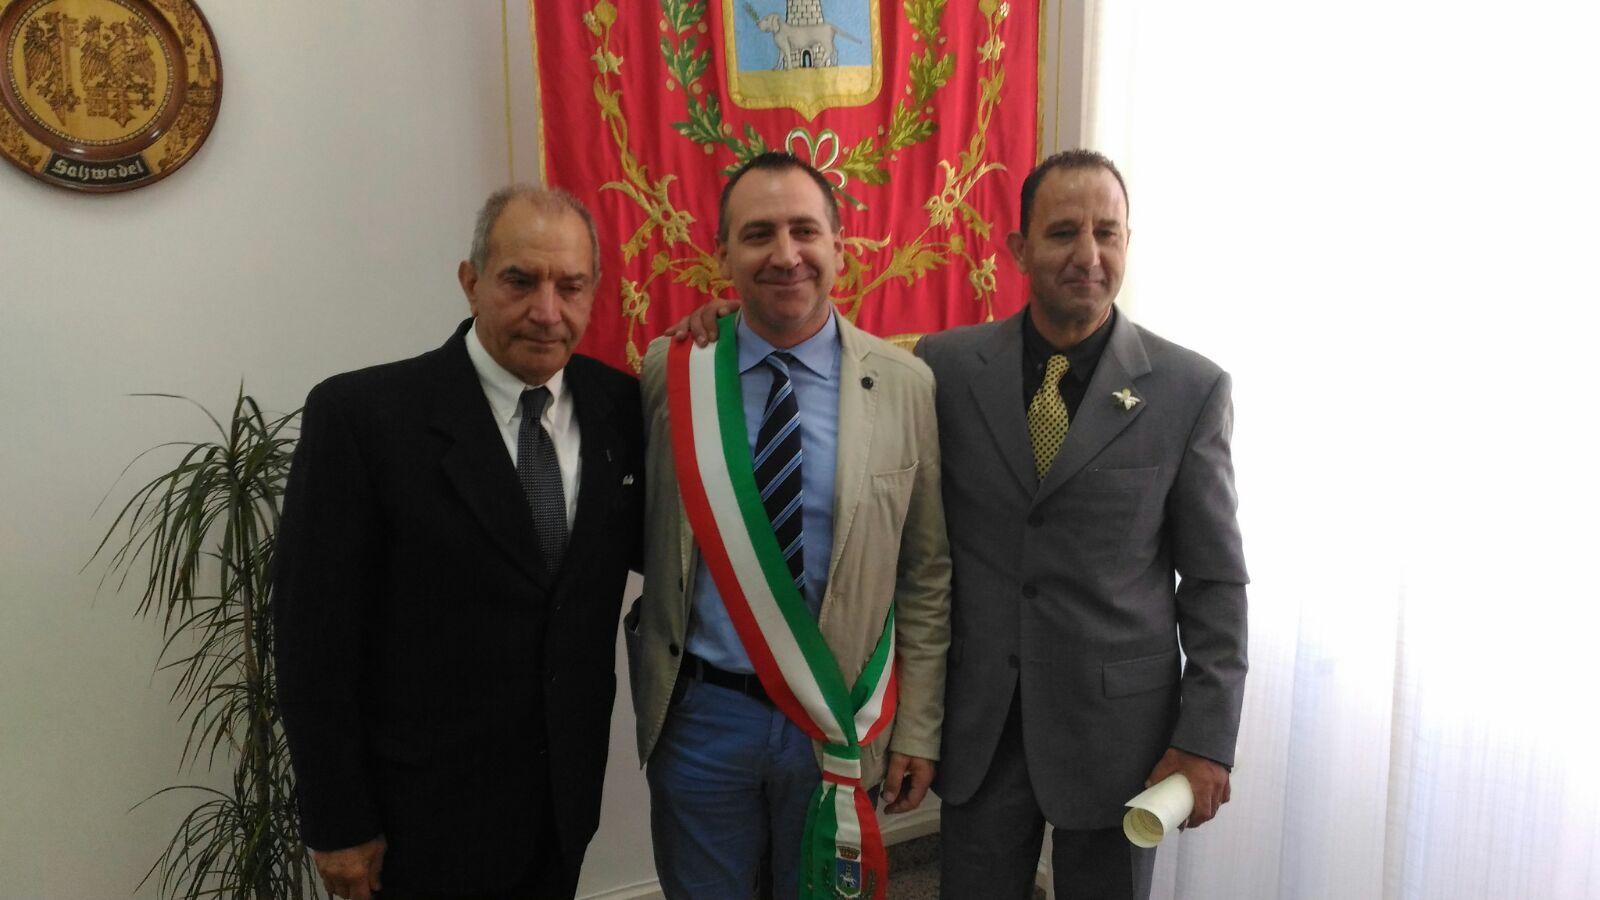 ef71803993a6 Celebrata la prima unione civile a San Vito dei Normanni